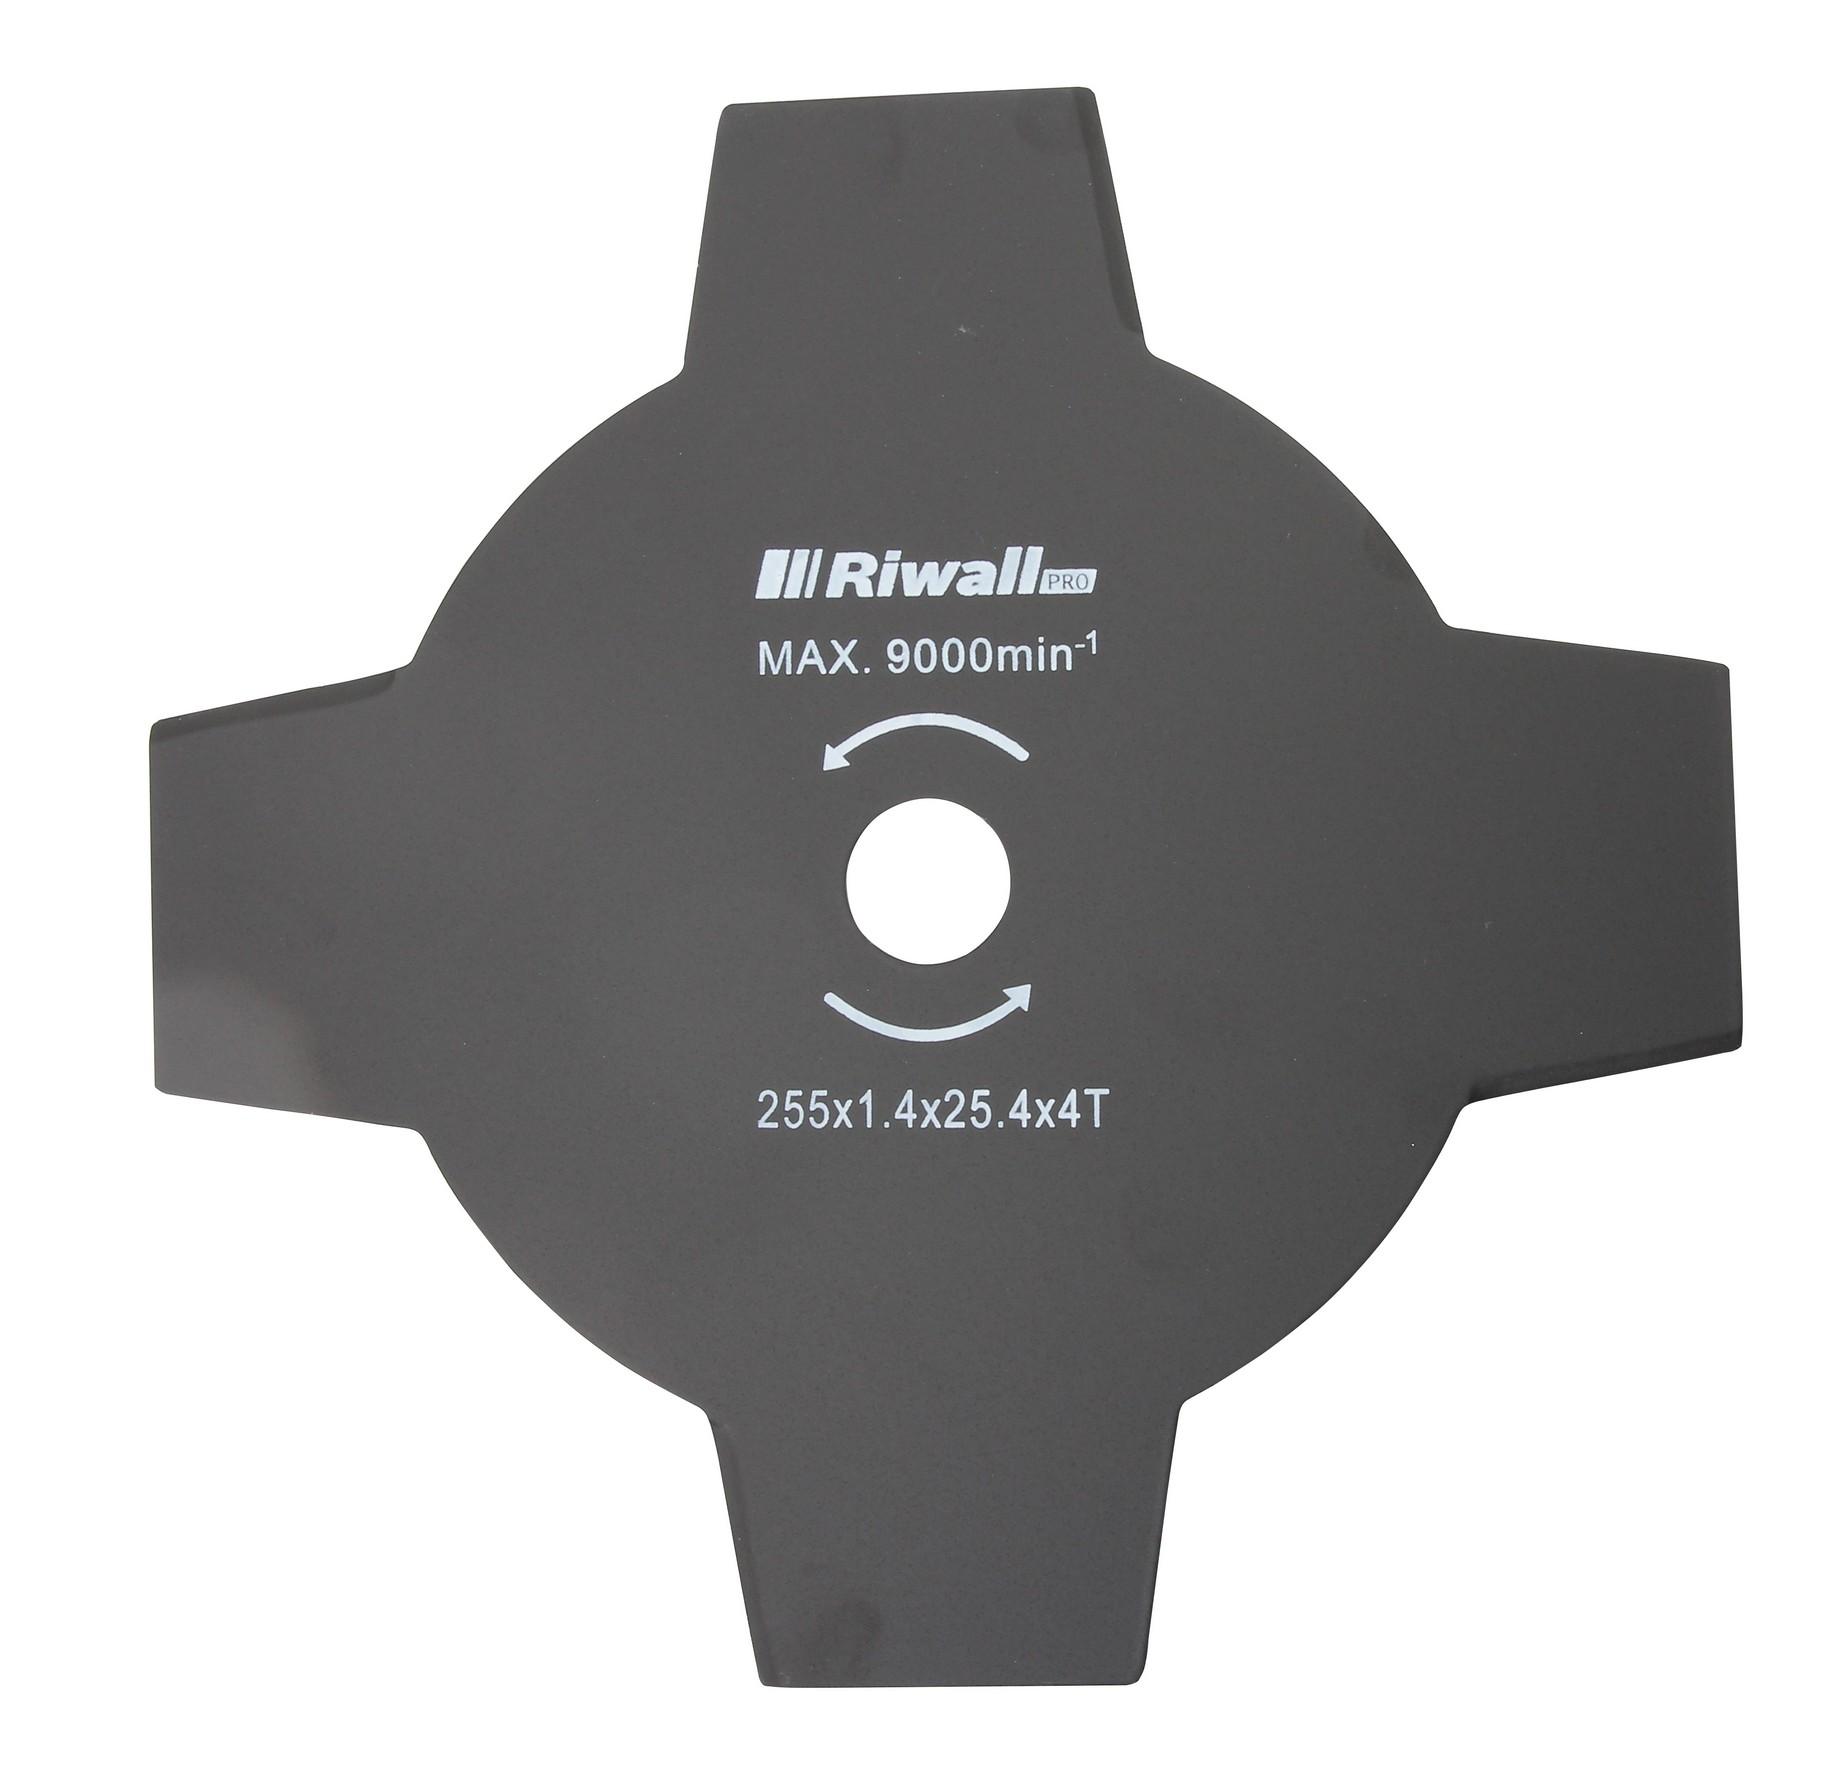 Riwall PRO Štvorzubý žací nôž krovinorezu pr. 255mm, vnútorný priemer 25,4mm, hrúbka 2,5mm